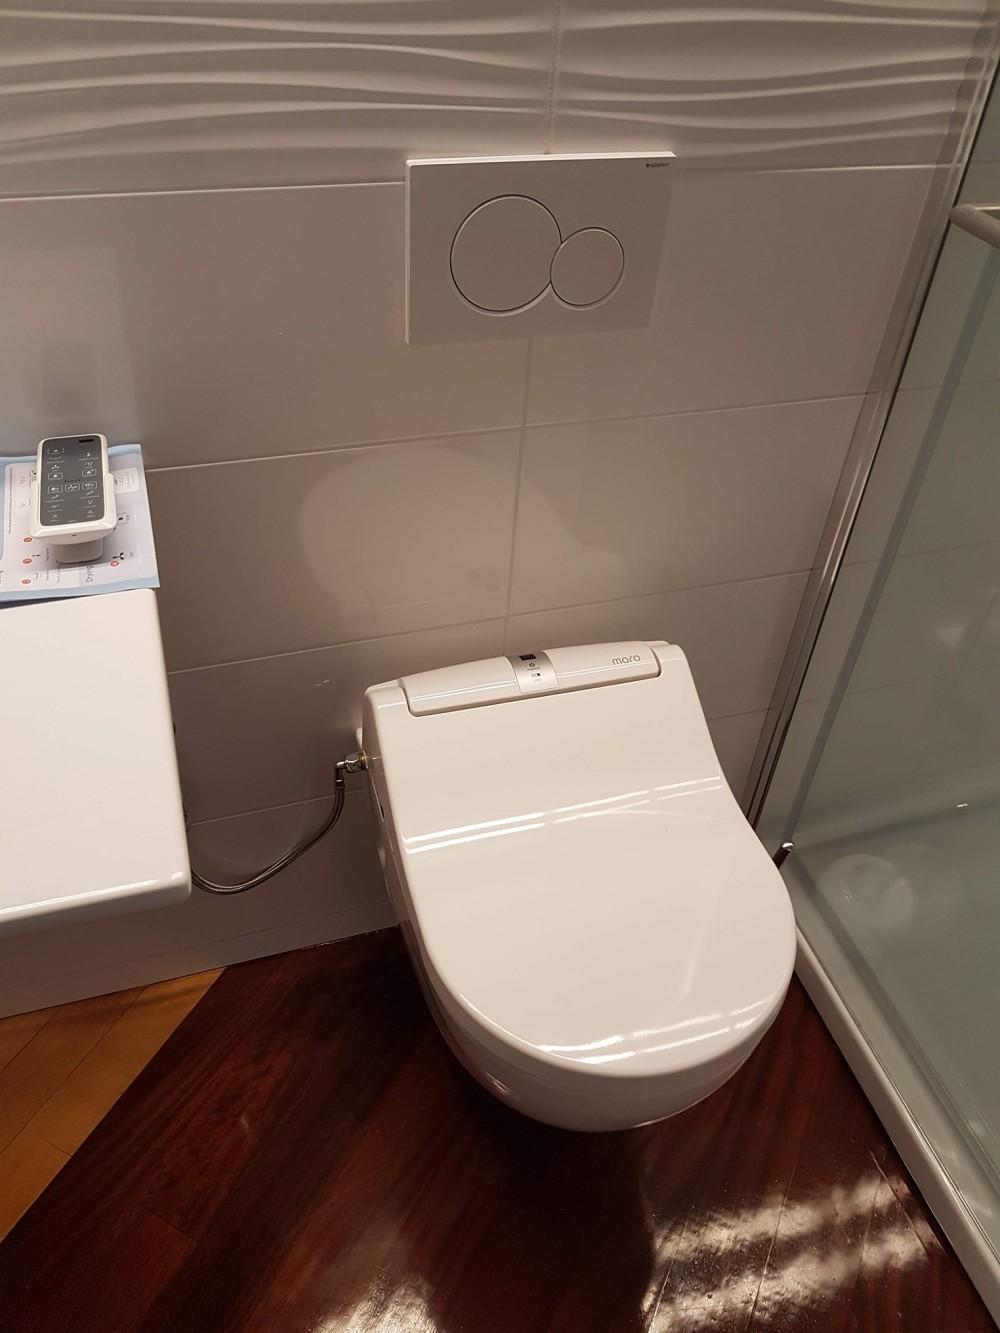 maro di600 with toto toilet rimless pan